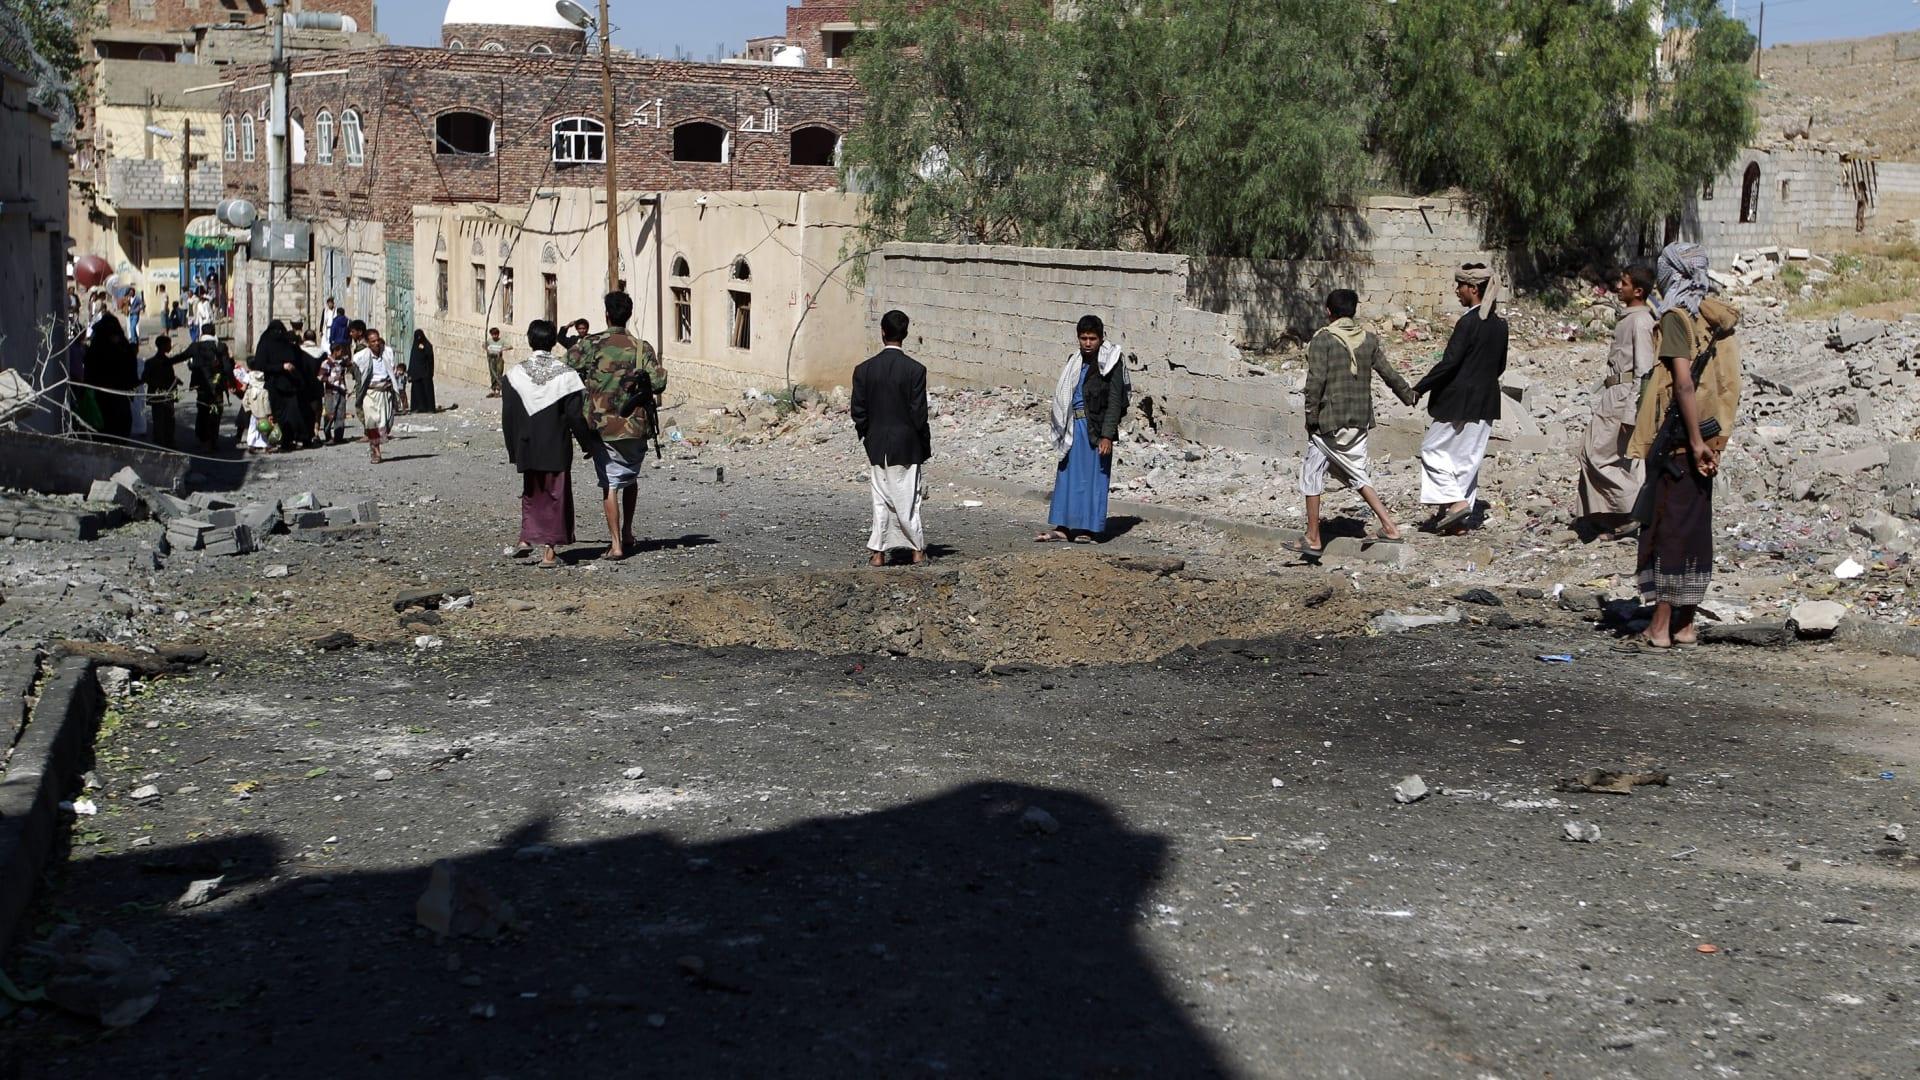 اليمن: تفجير انتحاري في عدن يستهدف منزل مدير الأمن.. وتضارب حول عدد ضحايا الهجوم